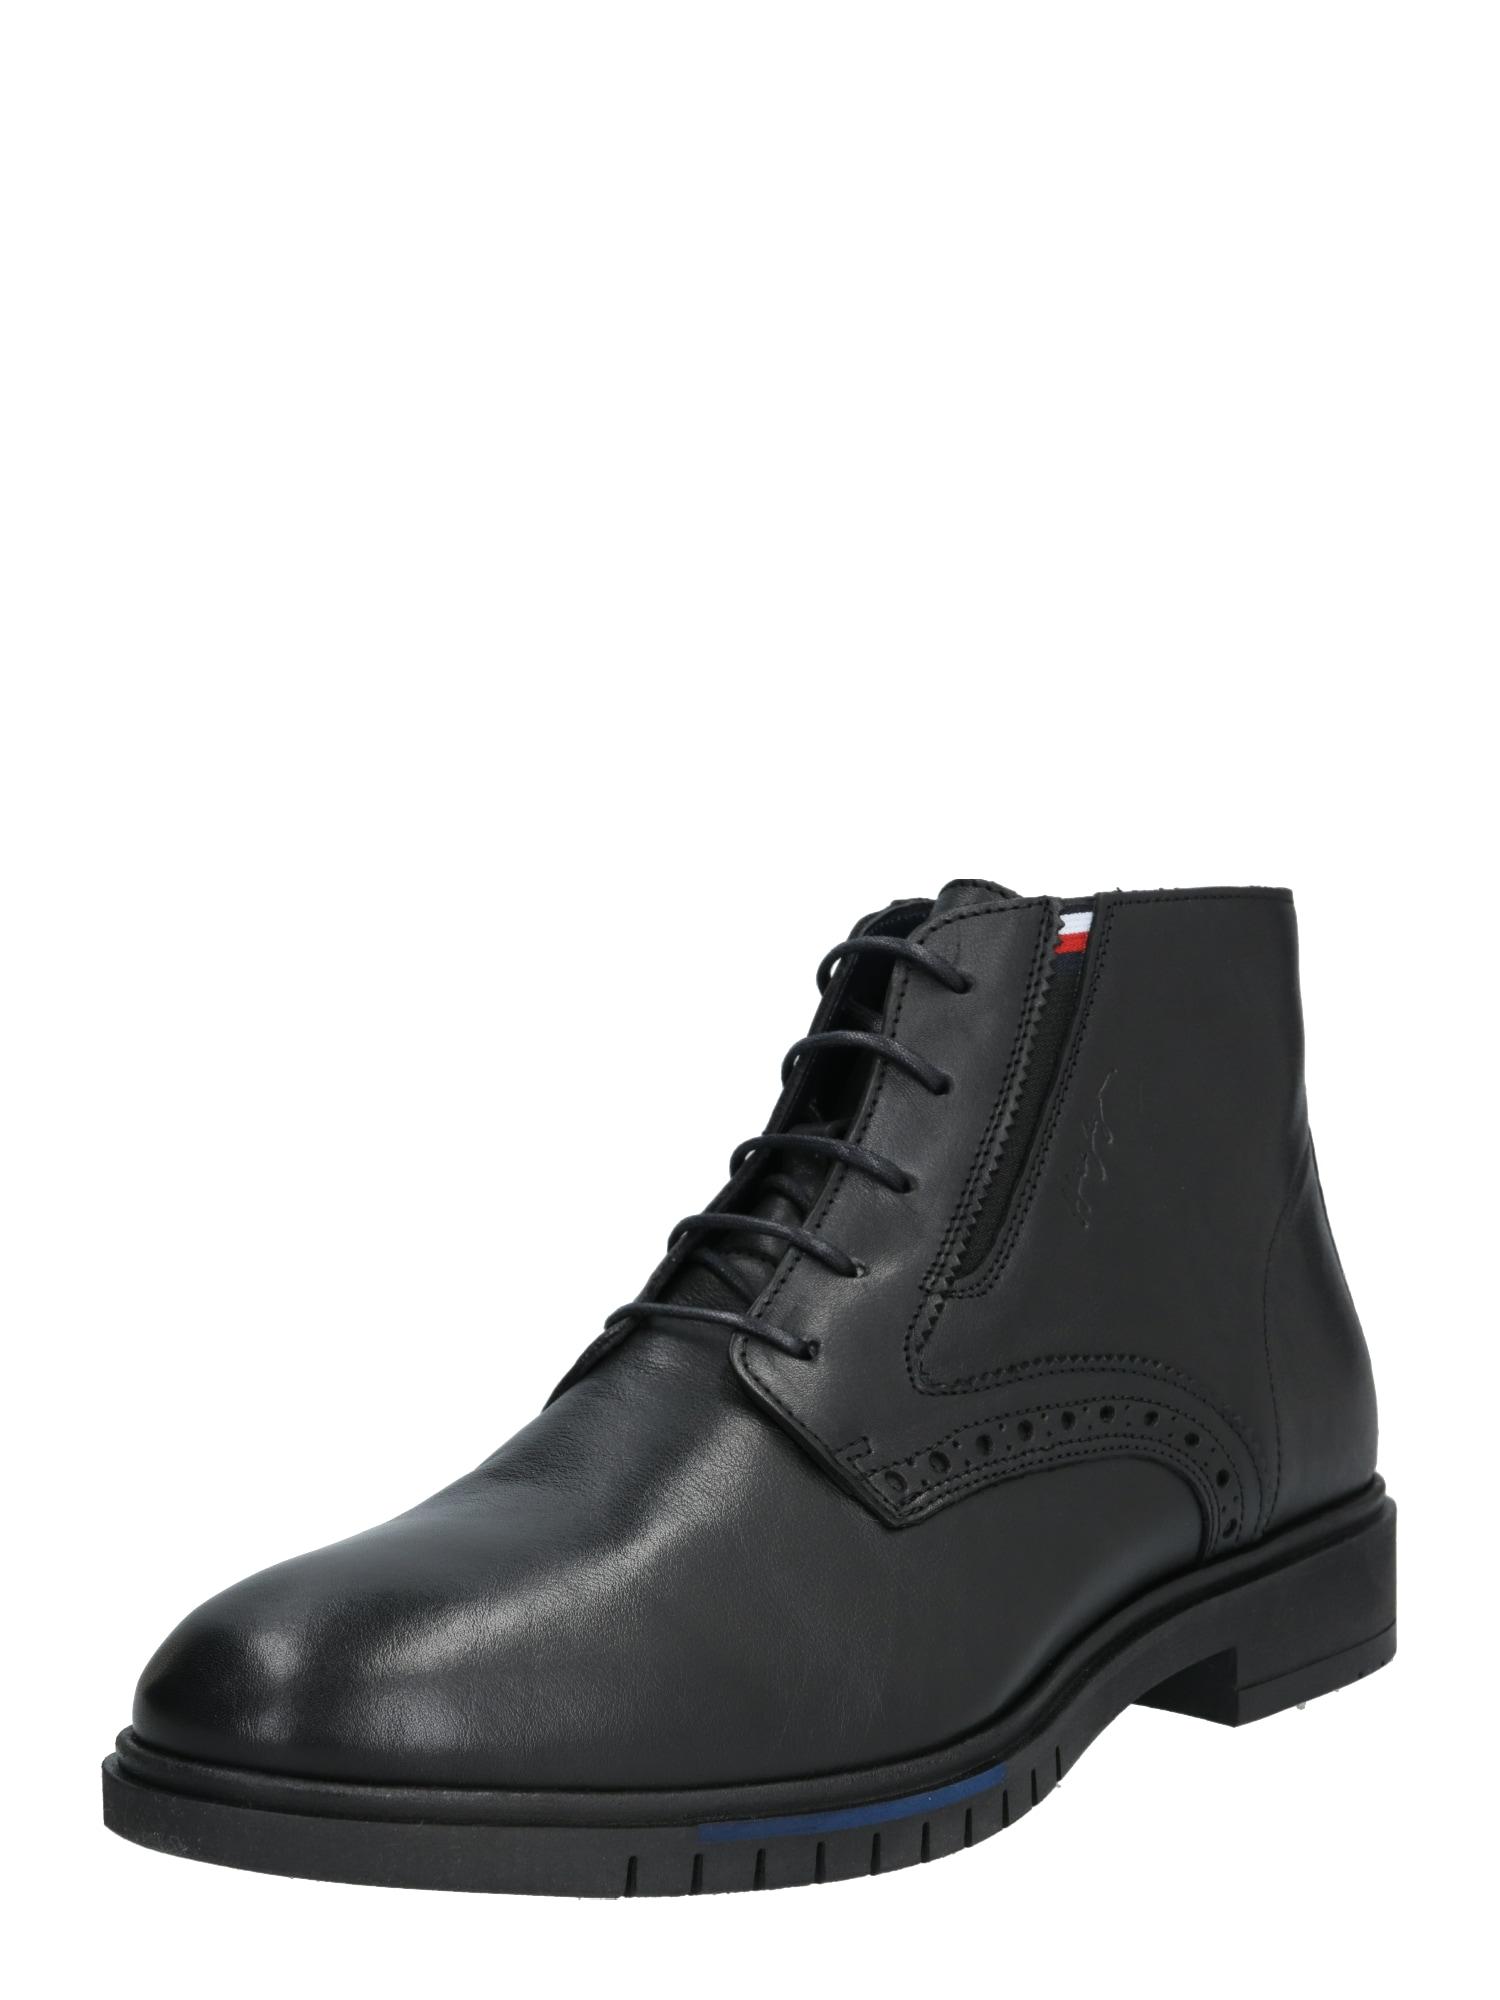 Herren Tommy Hilfiger Boots 'TH ADVANCE' schwarz | 08719859184176